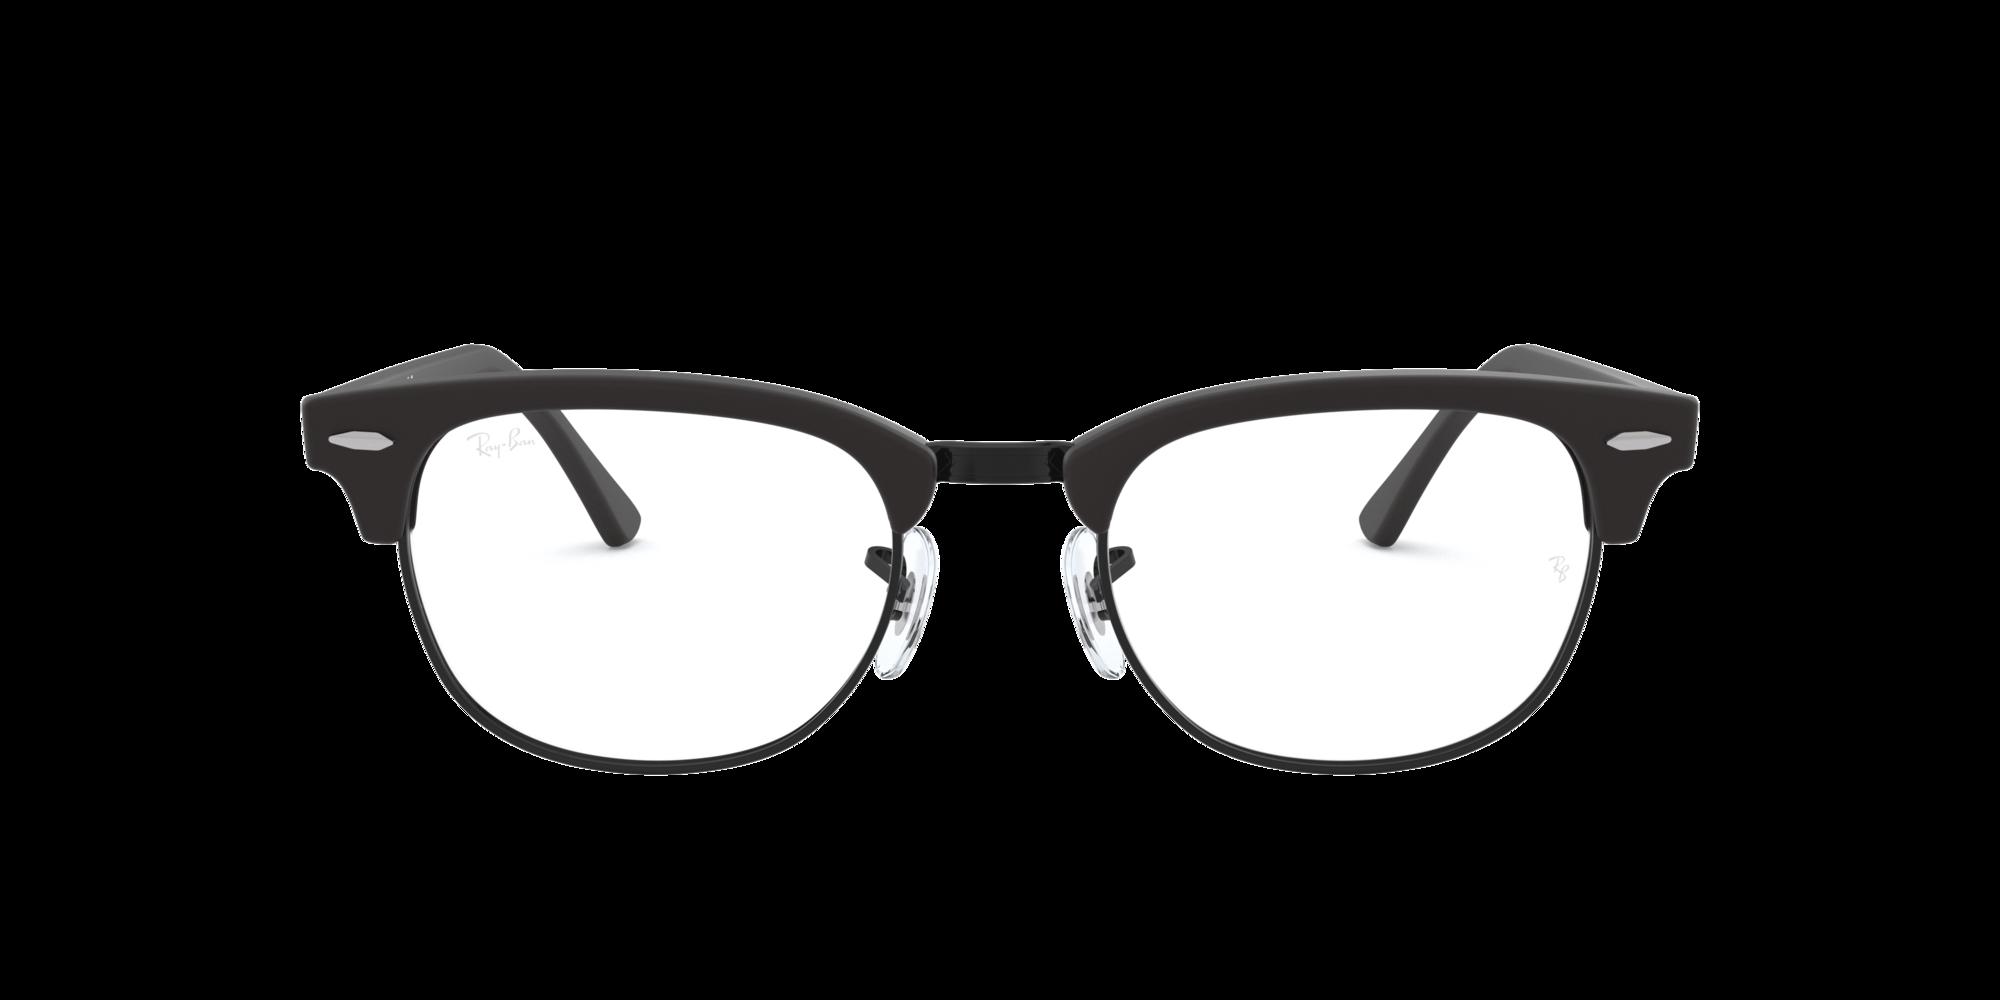 Imagen para RX5154 de LensCrafters    Espejuelos, espejuelos graduados en línea, gafas